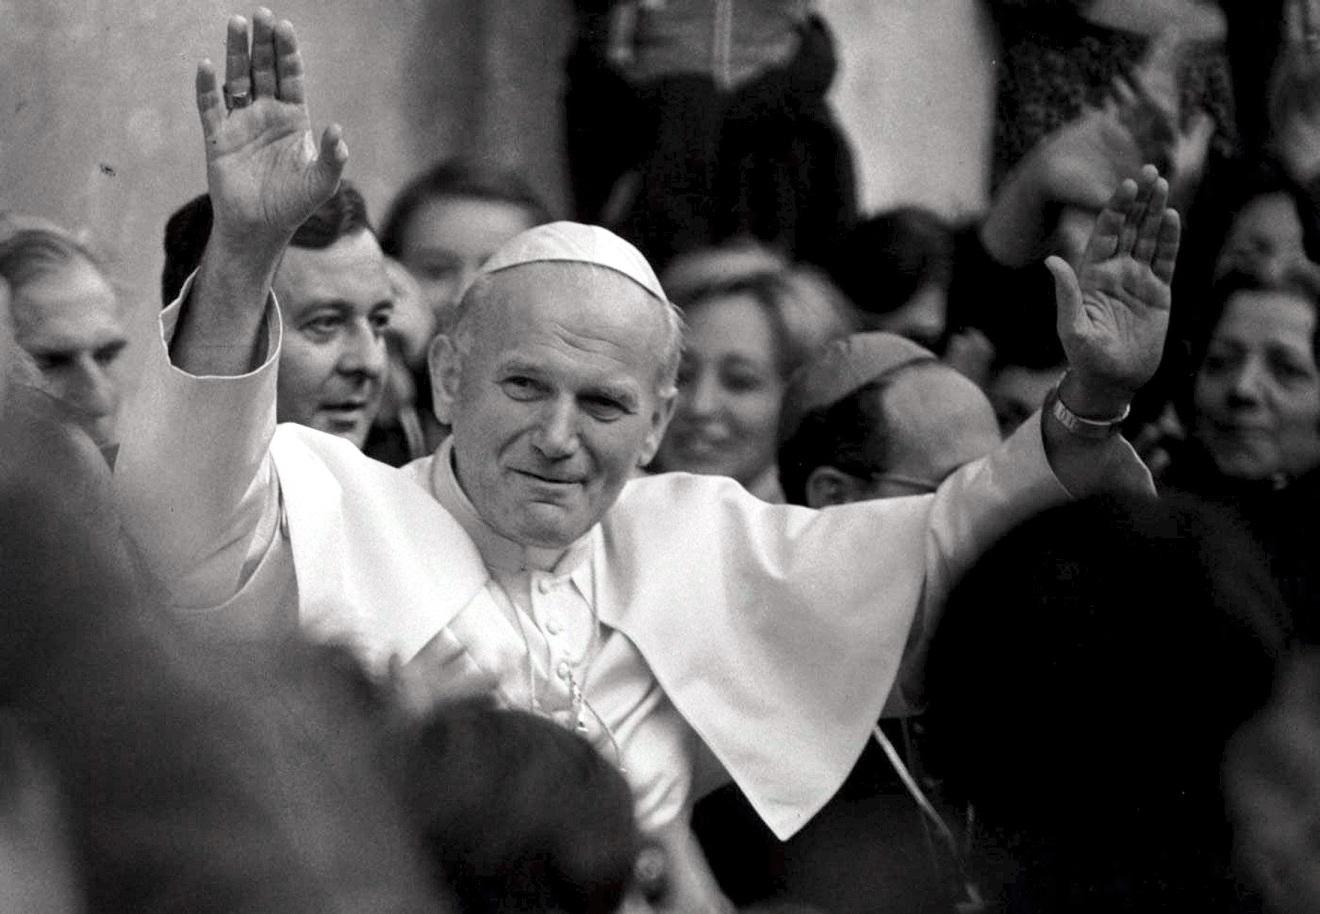 Папа: Иоанн Павел II оставил неизгладимый знак в Церкви